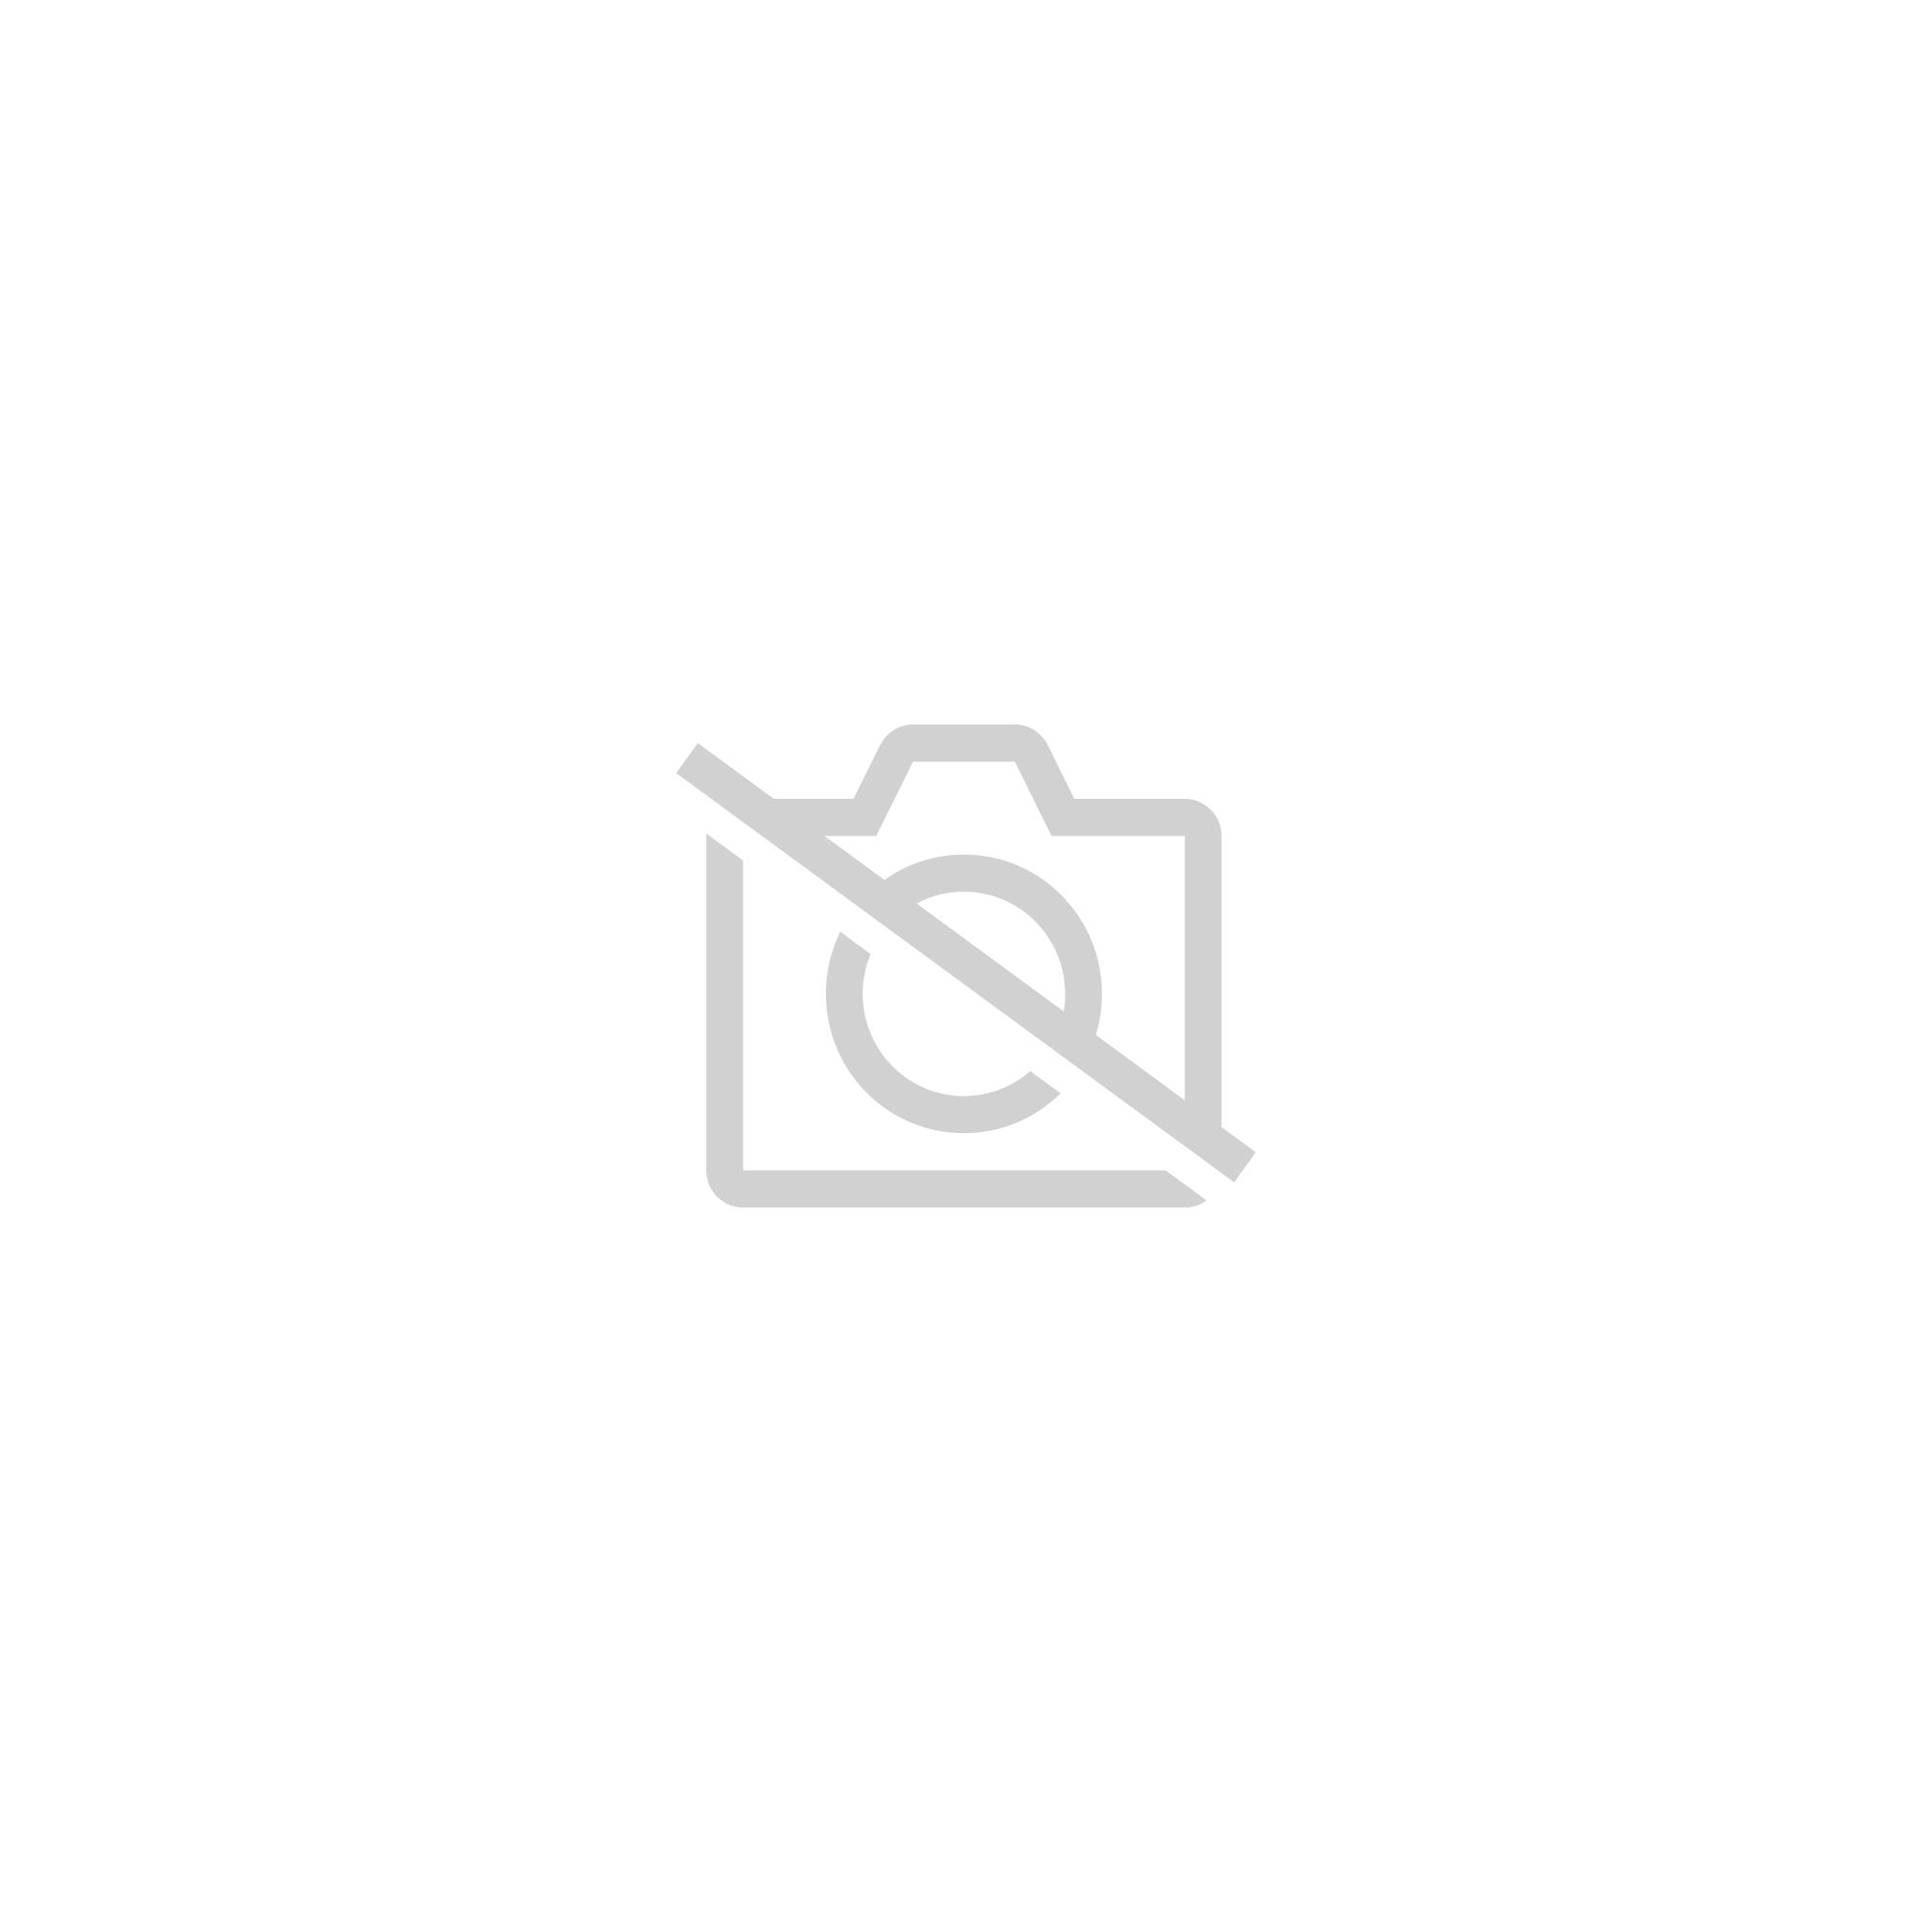 Détails sur Adidas Homme Tubular Invader Baskets Montantes Chaussures Bleu Foncé S81793 UK6.5 11 afficher le titre d'origine